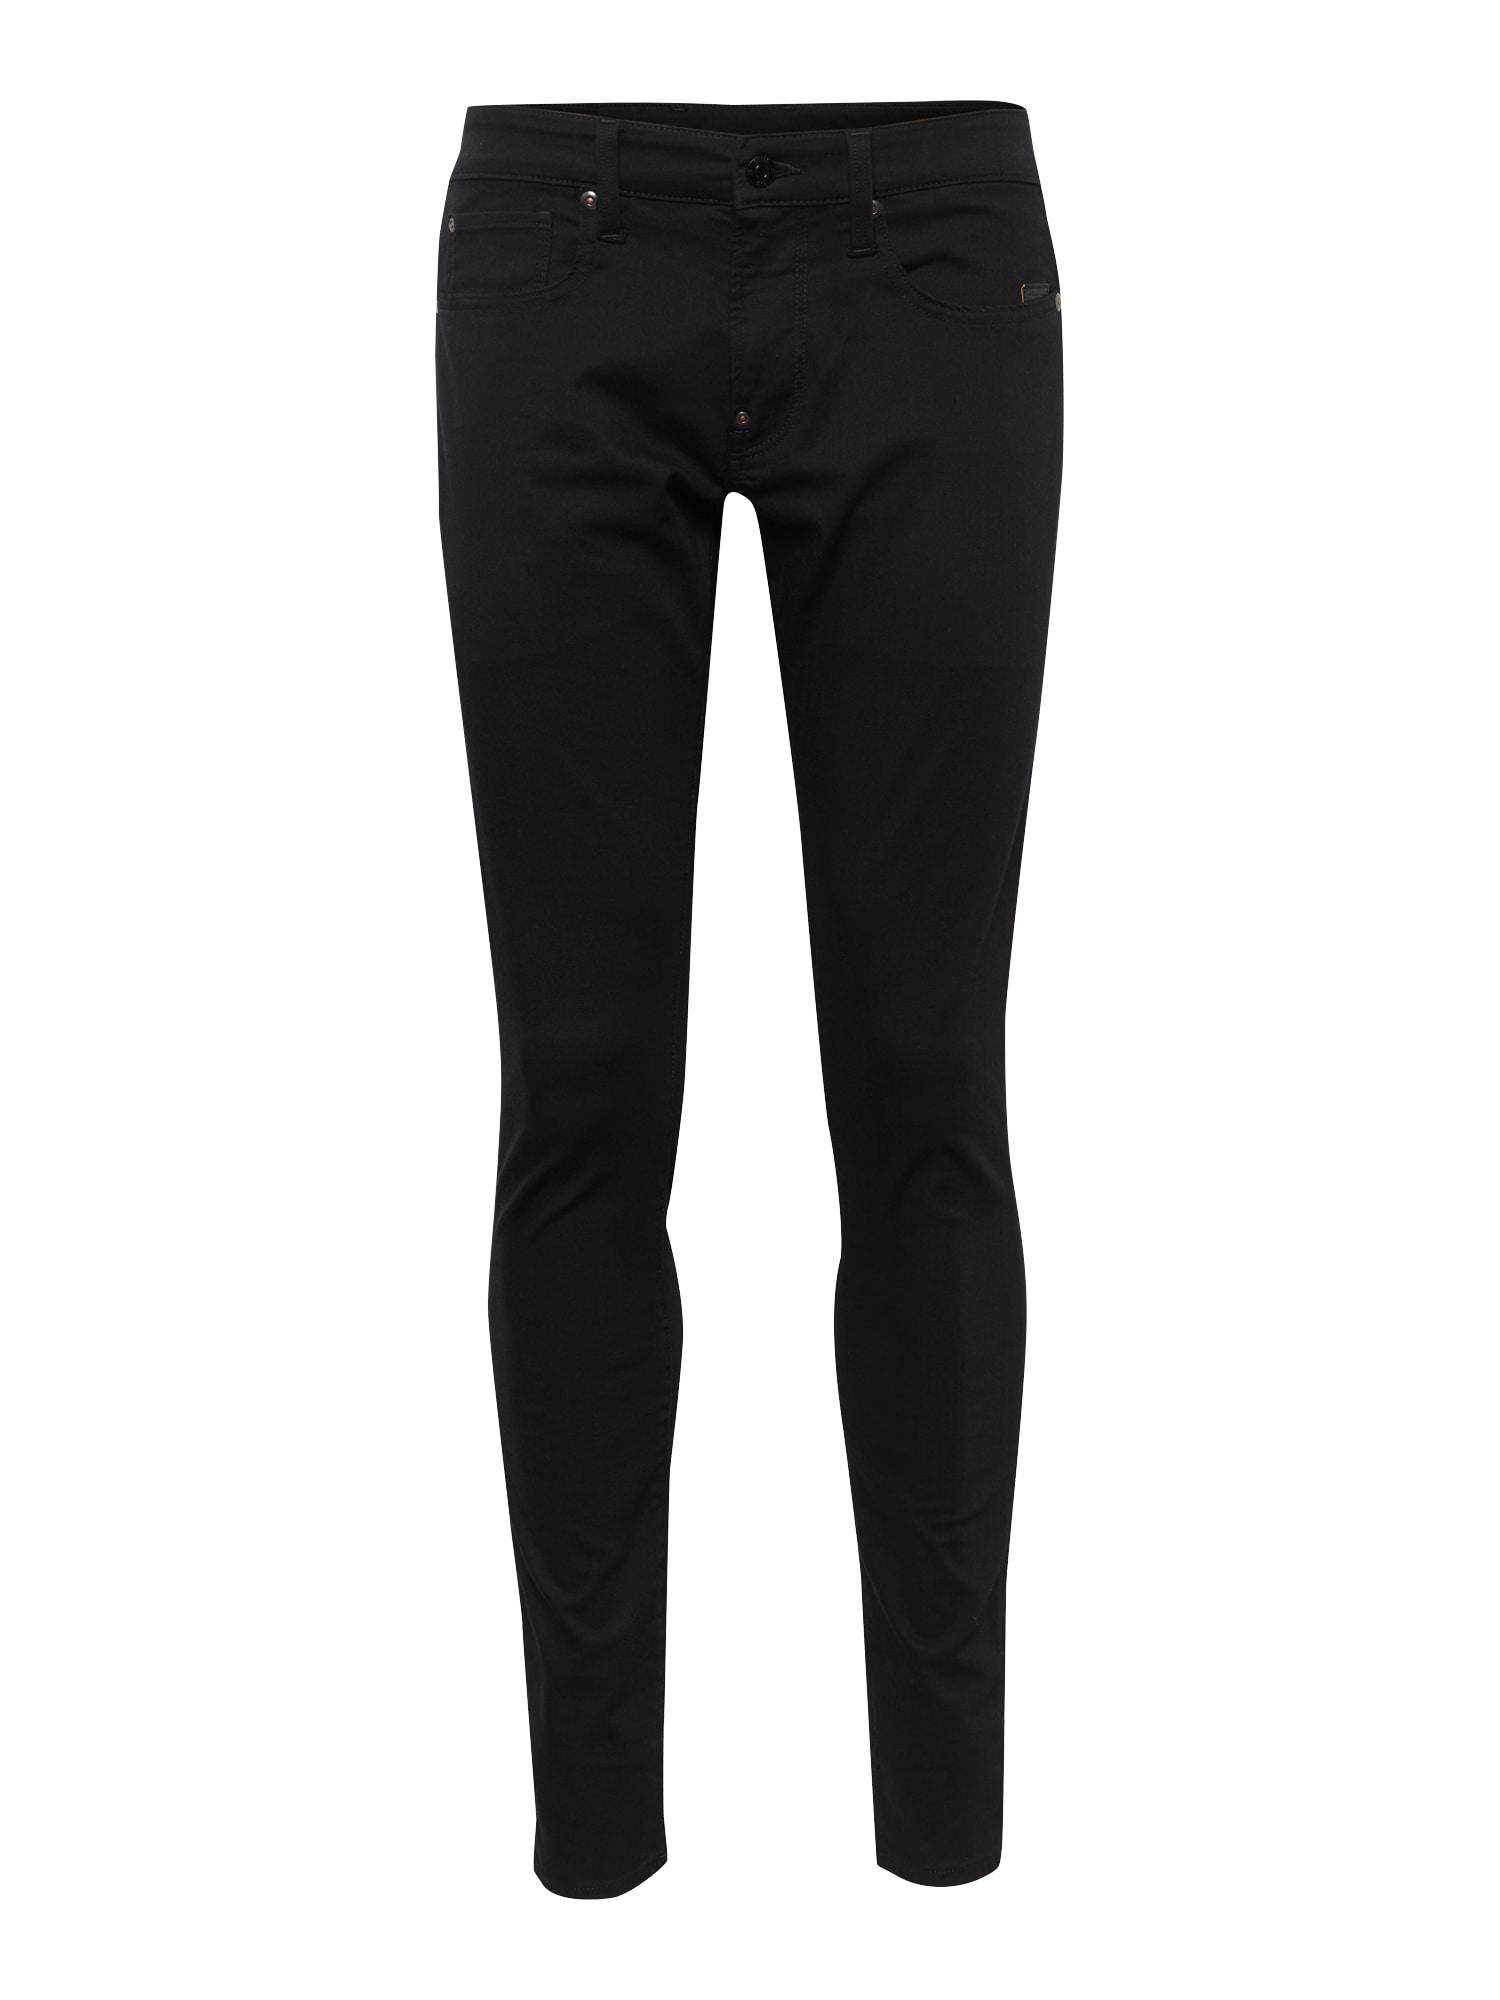 G-Star RAW Džinsai 'Revend Skinny' juodo džinso spalva